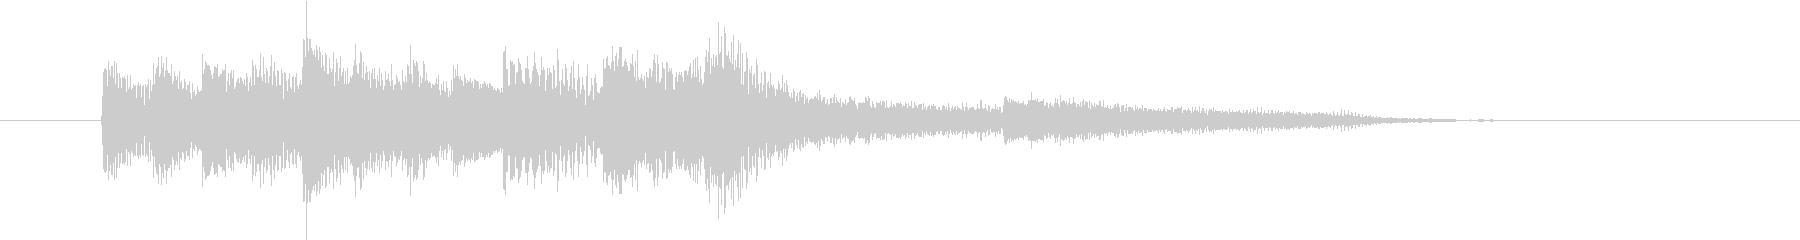 ジャジーなピアノソロ ジングル の未再生の波形